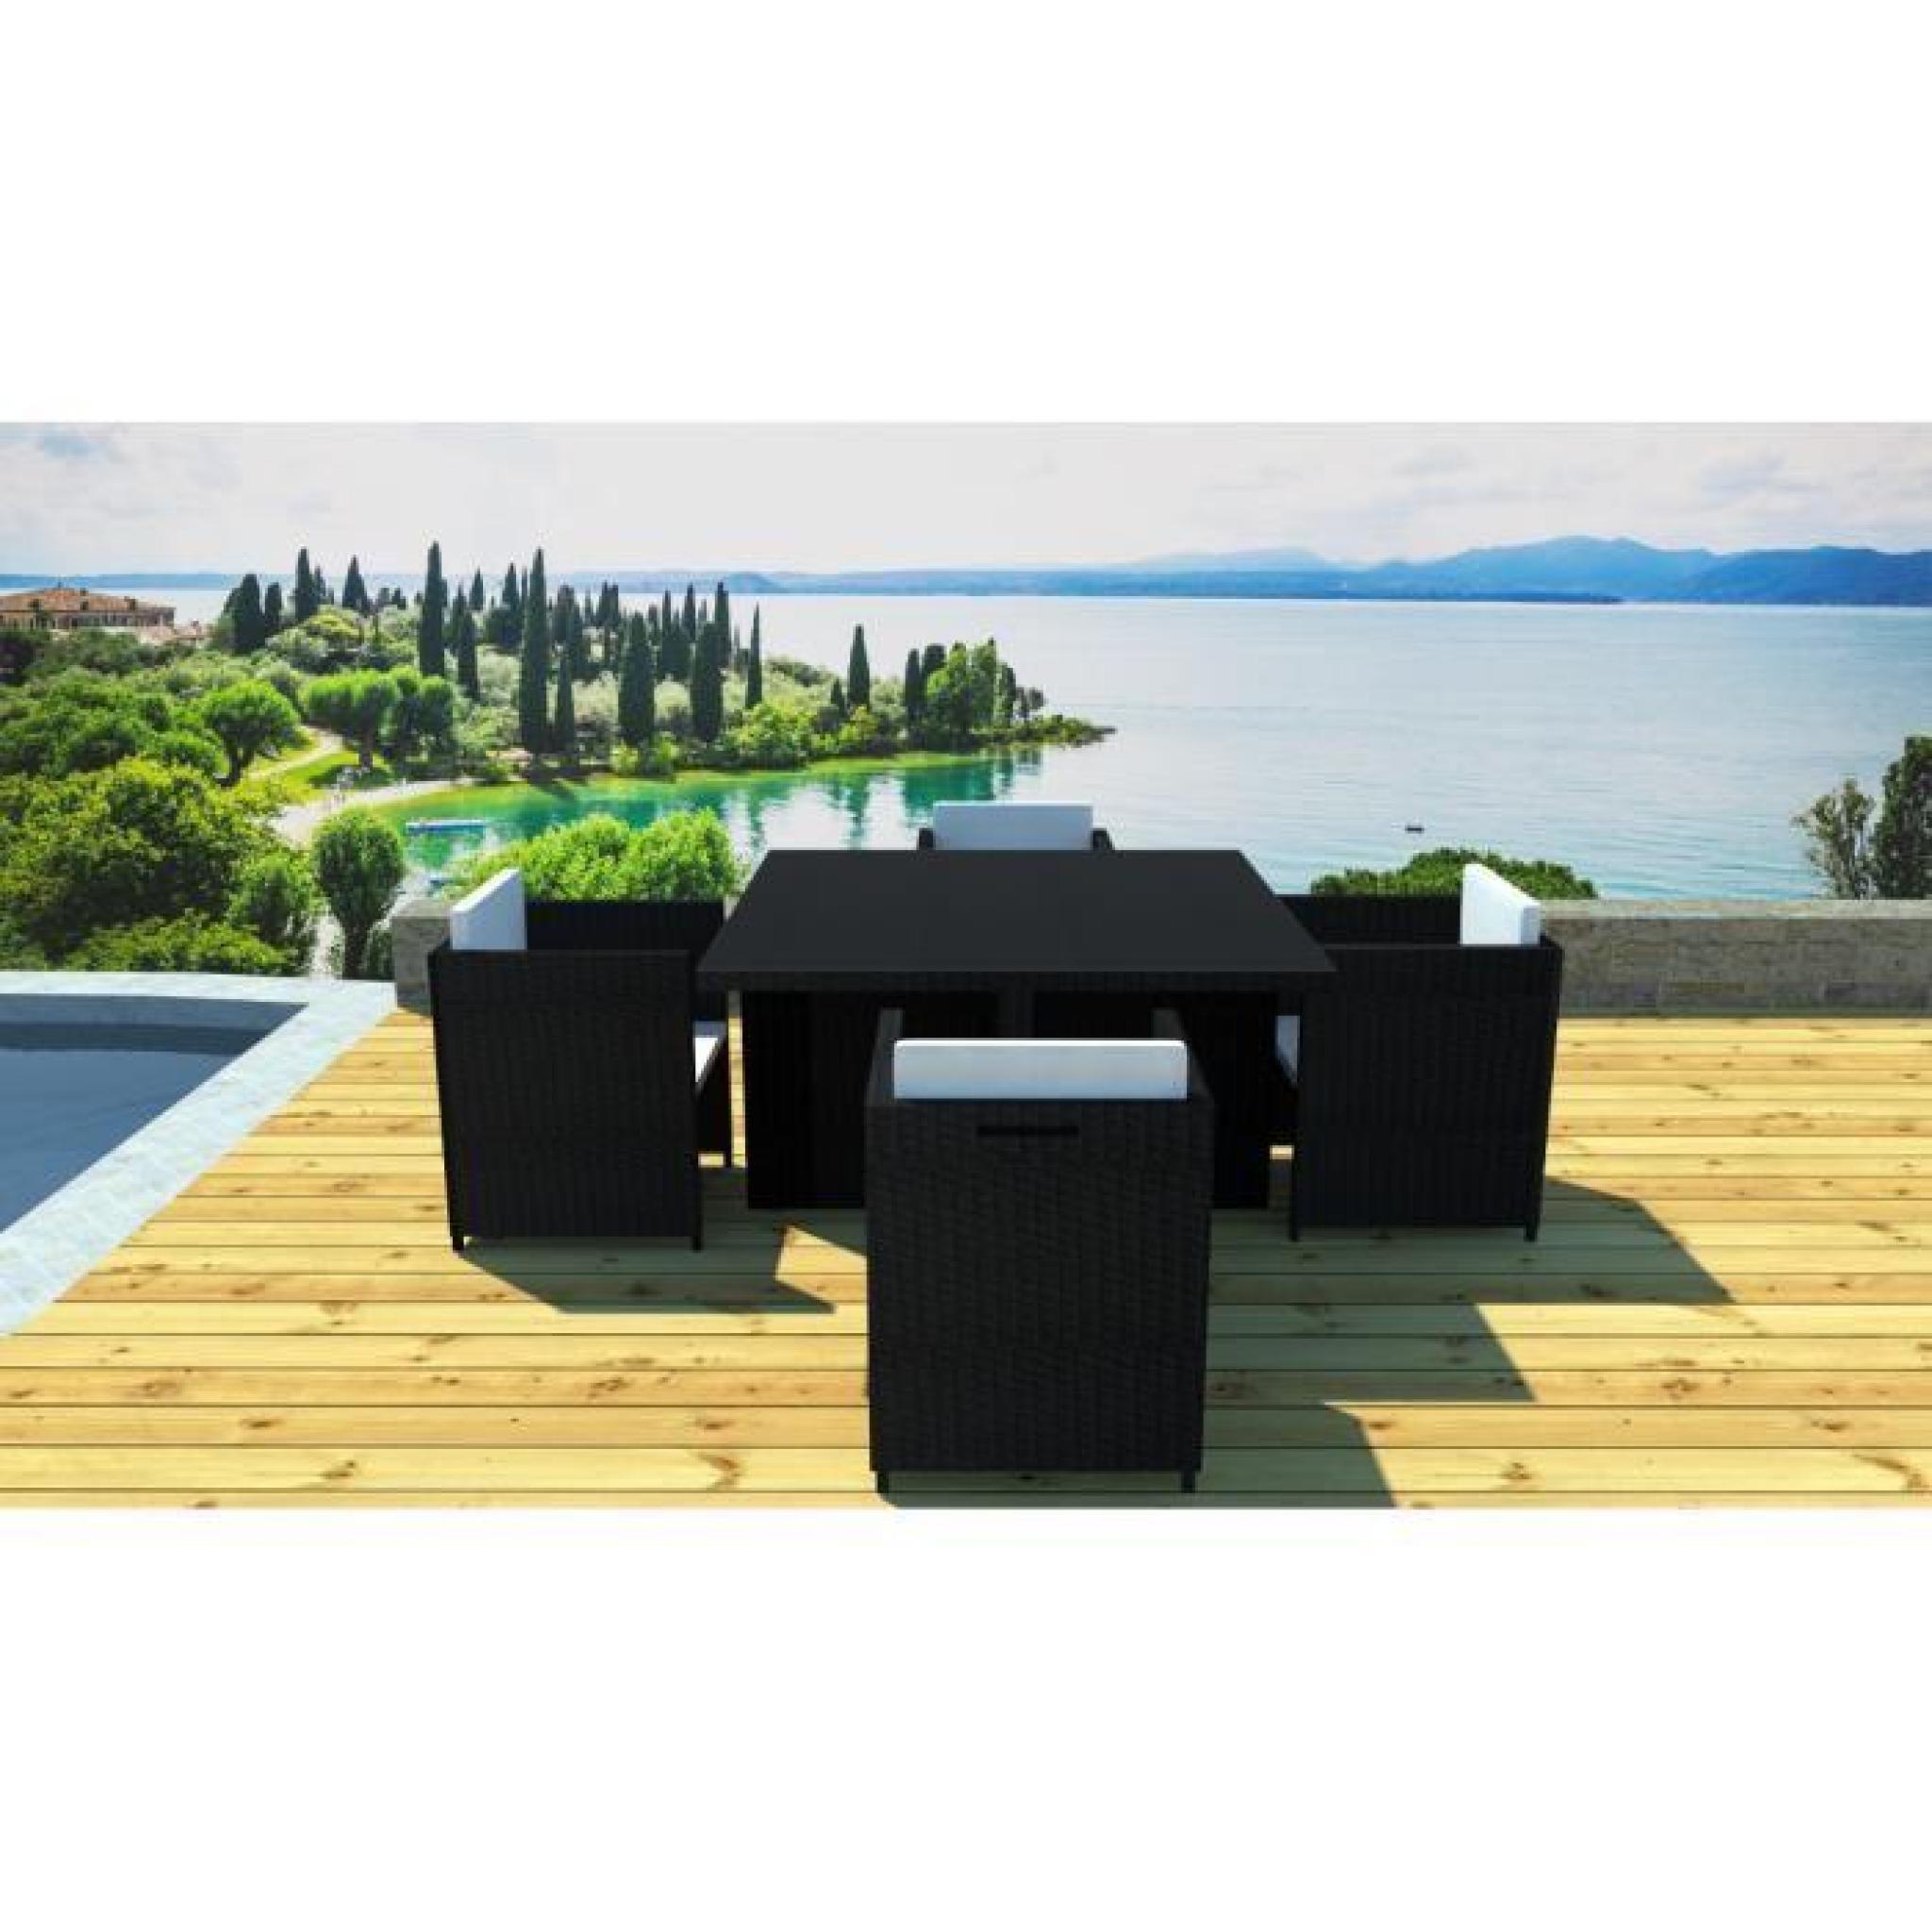 salon de jardin r sine encastrable 4 places achat vente salon de jardin en resine tressee pas. Black Bedroom Furniture Sets. Home Design Ideas